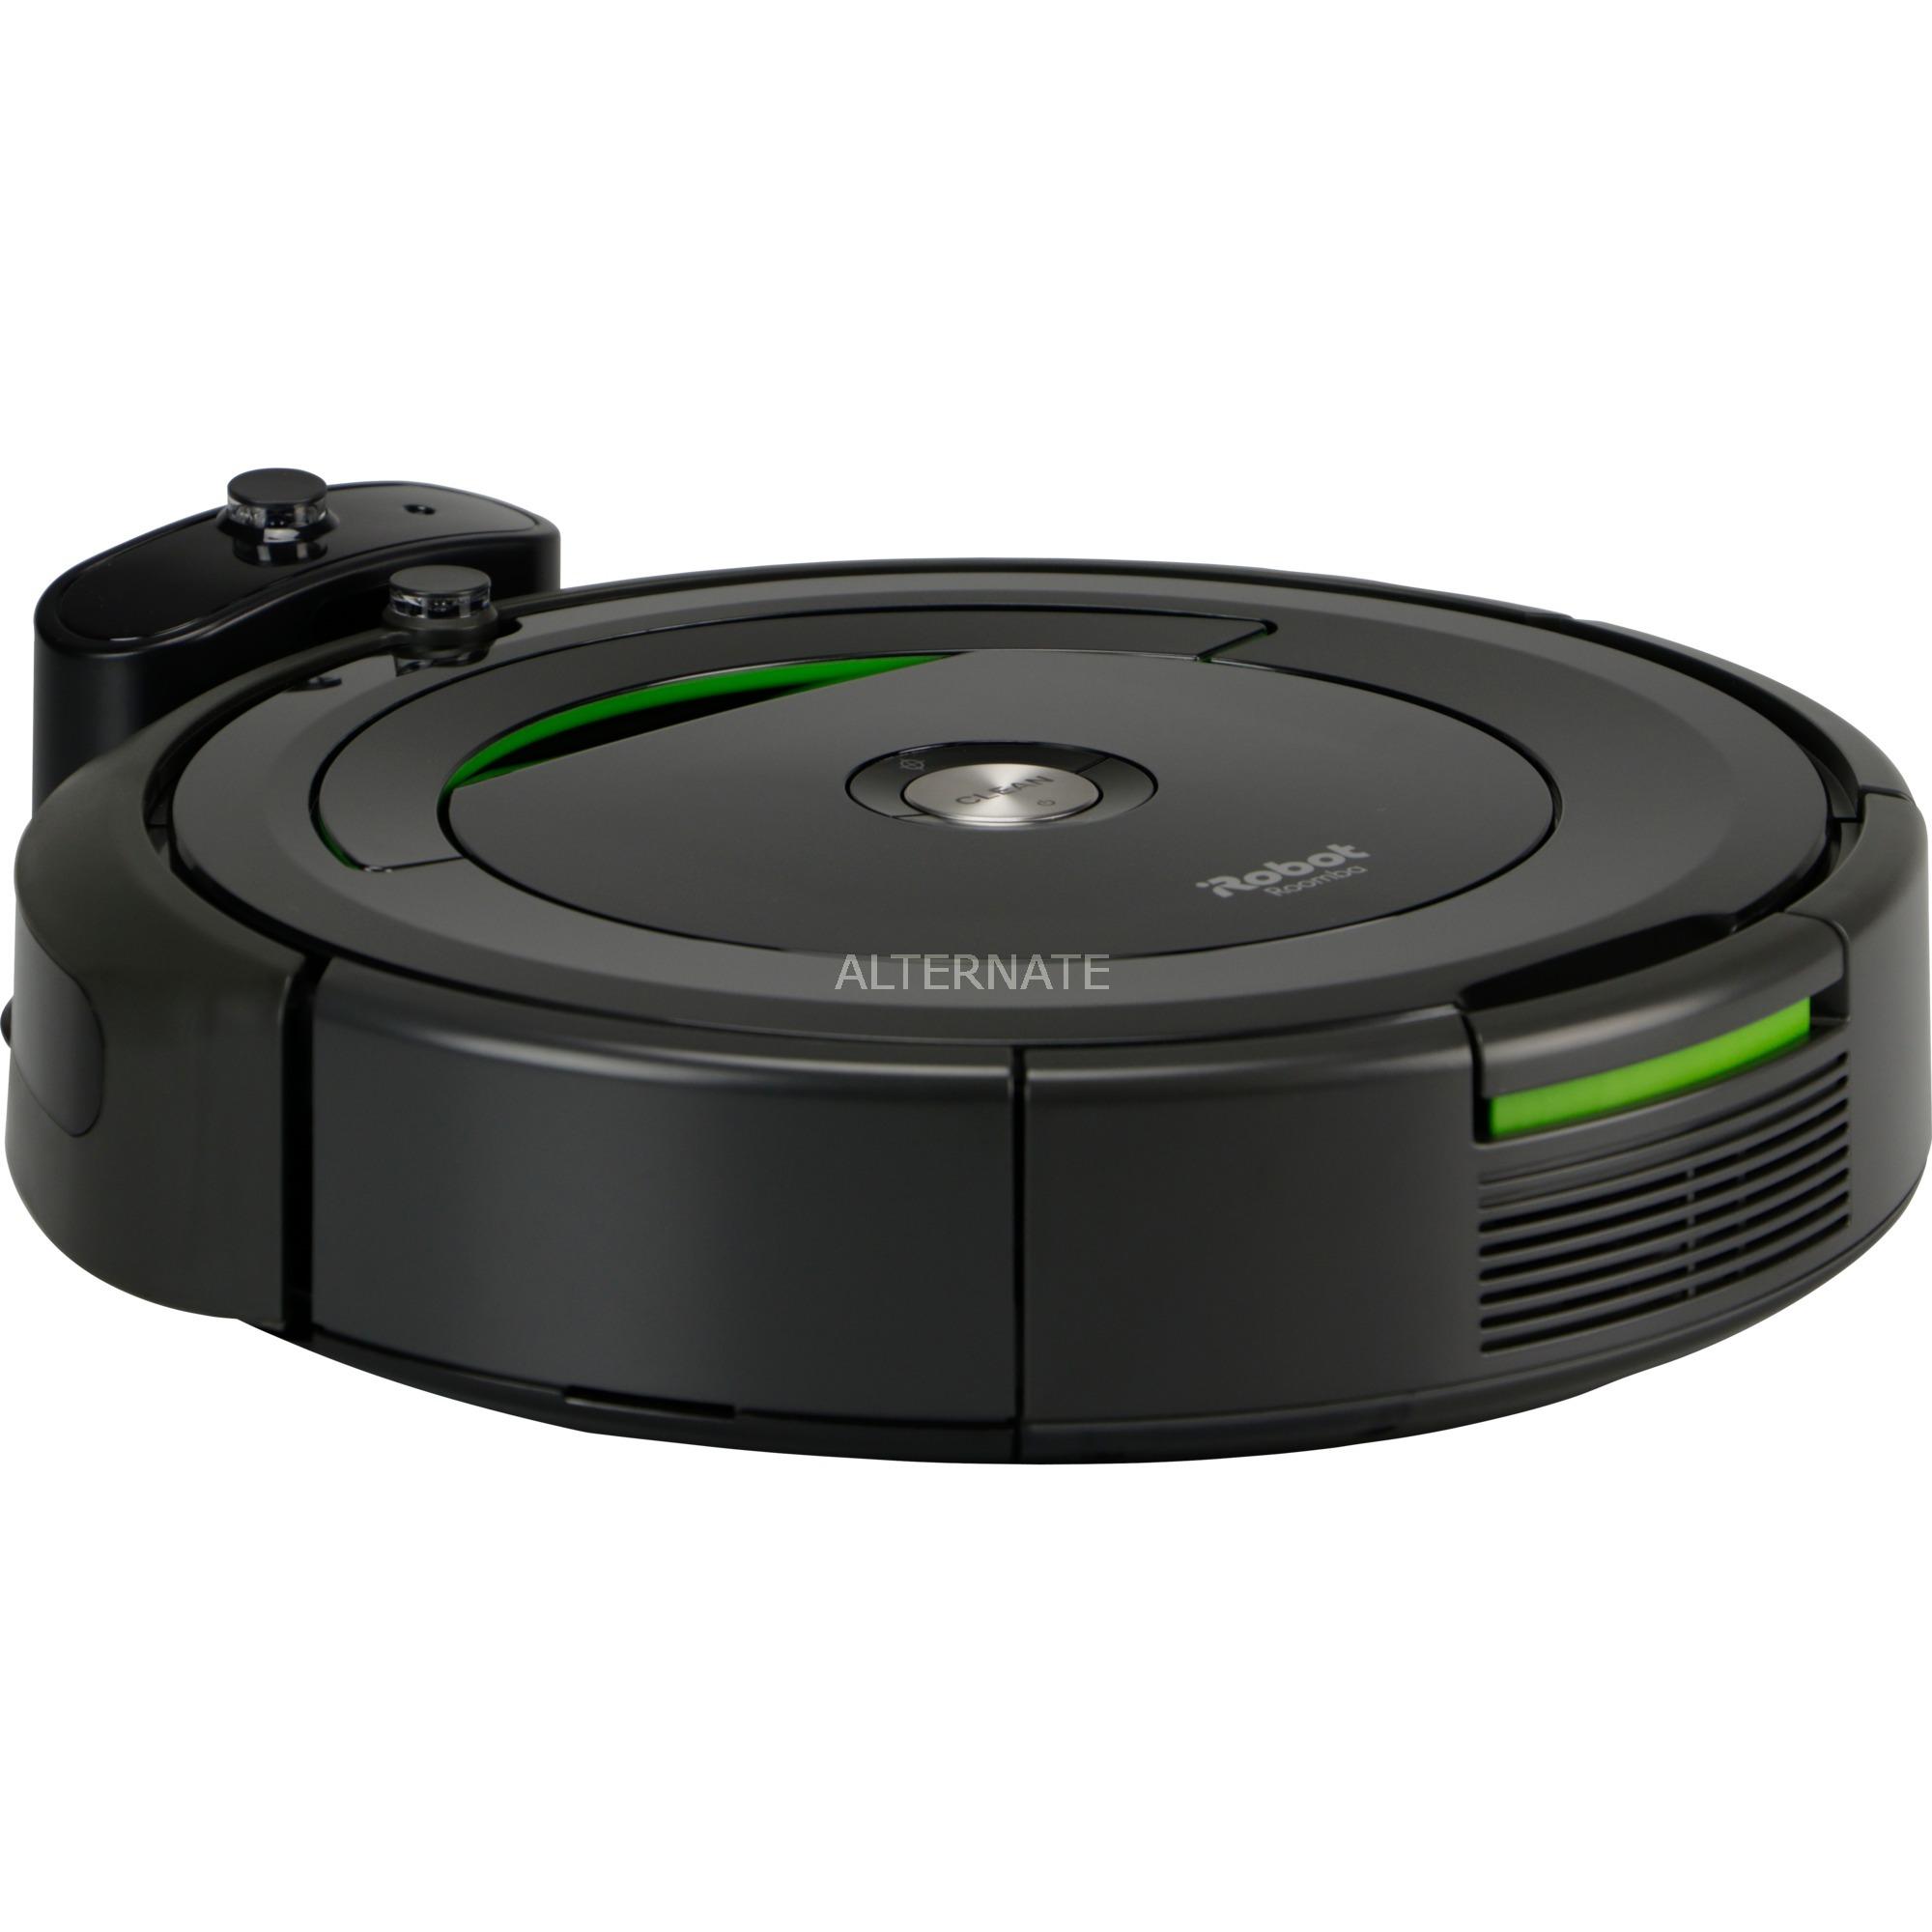 Roomba 696 aspiradora robotizada Negro, Robot aspirador